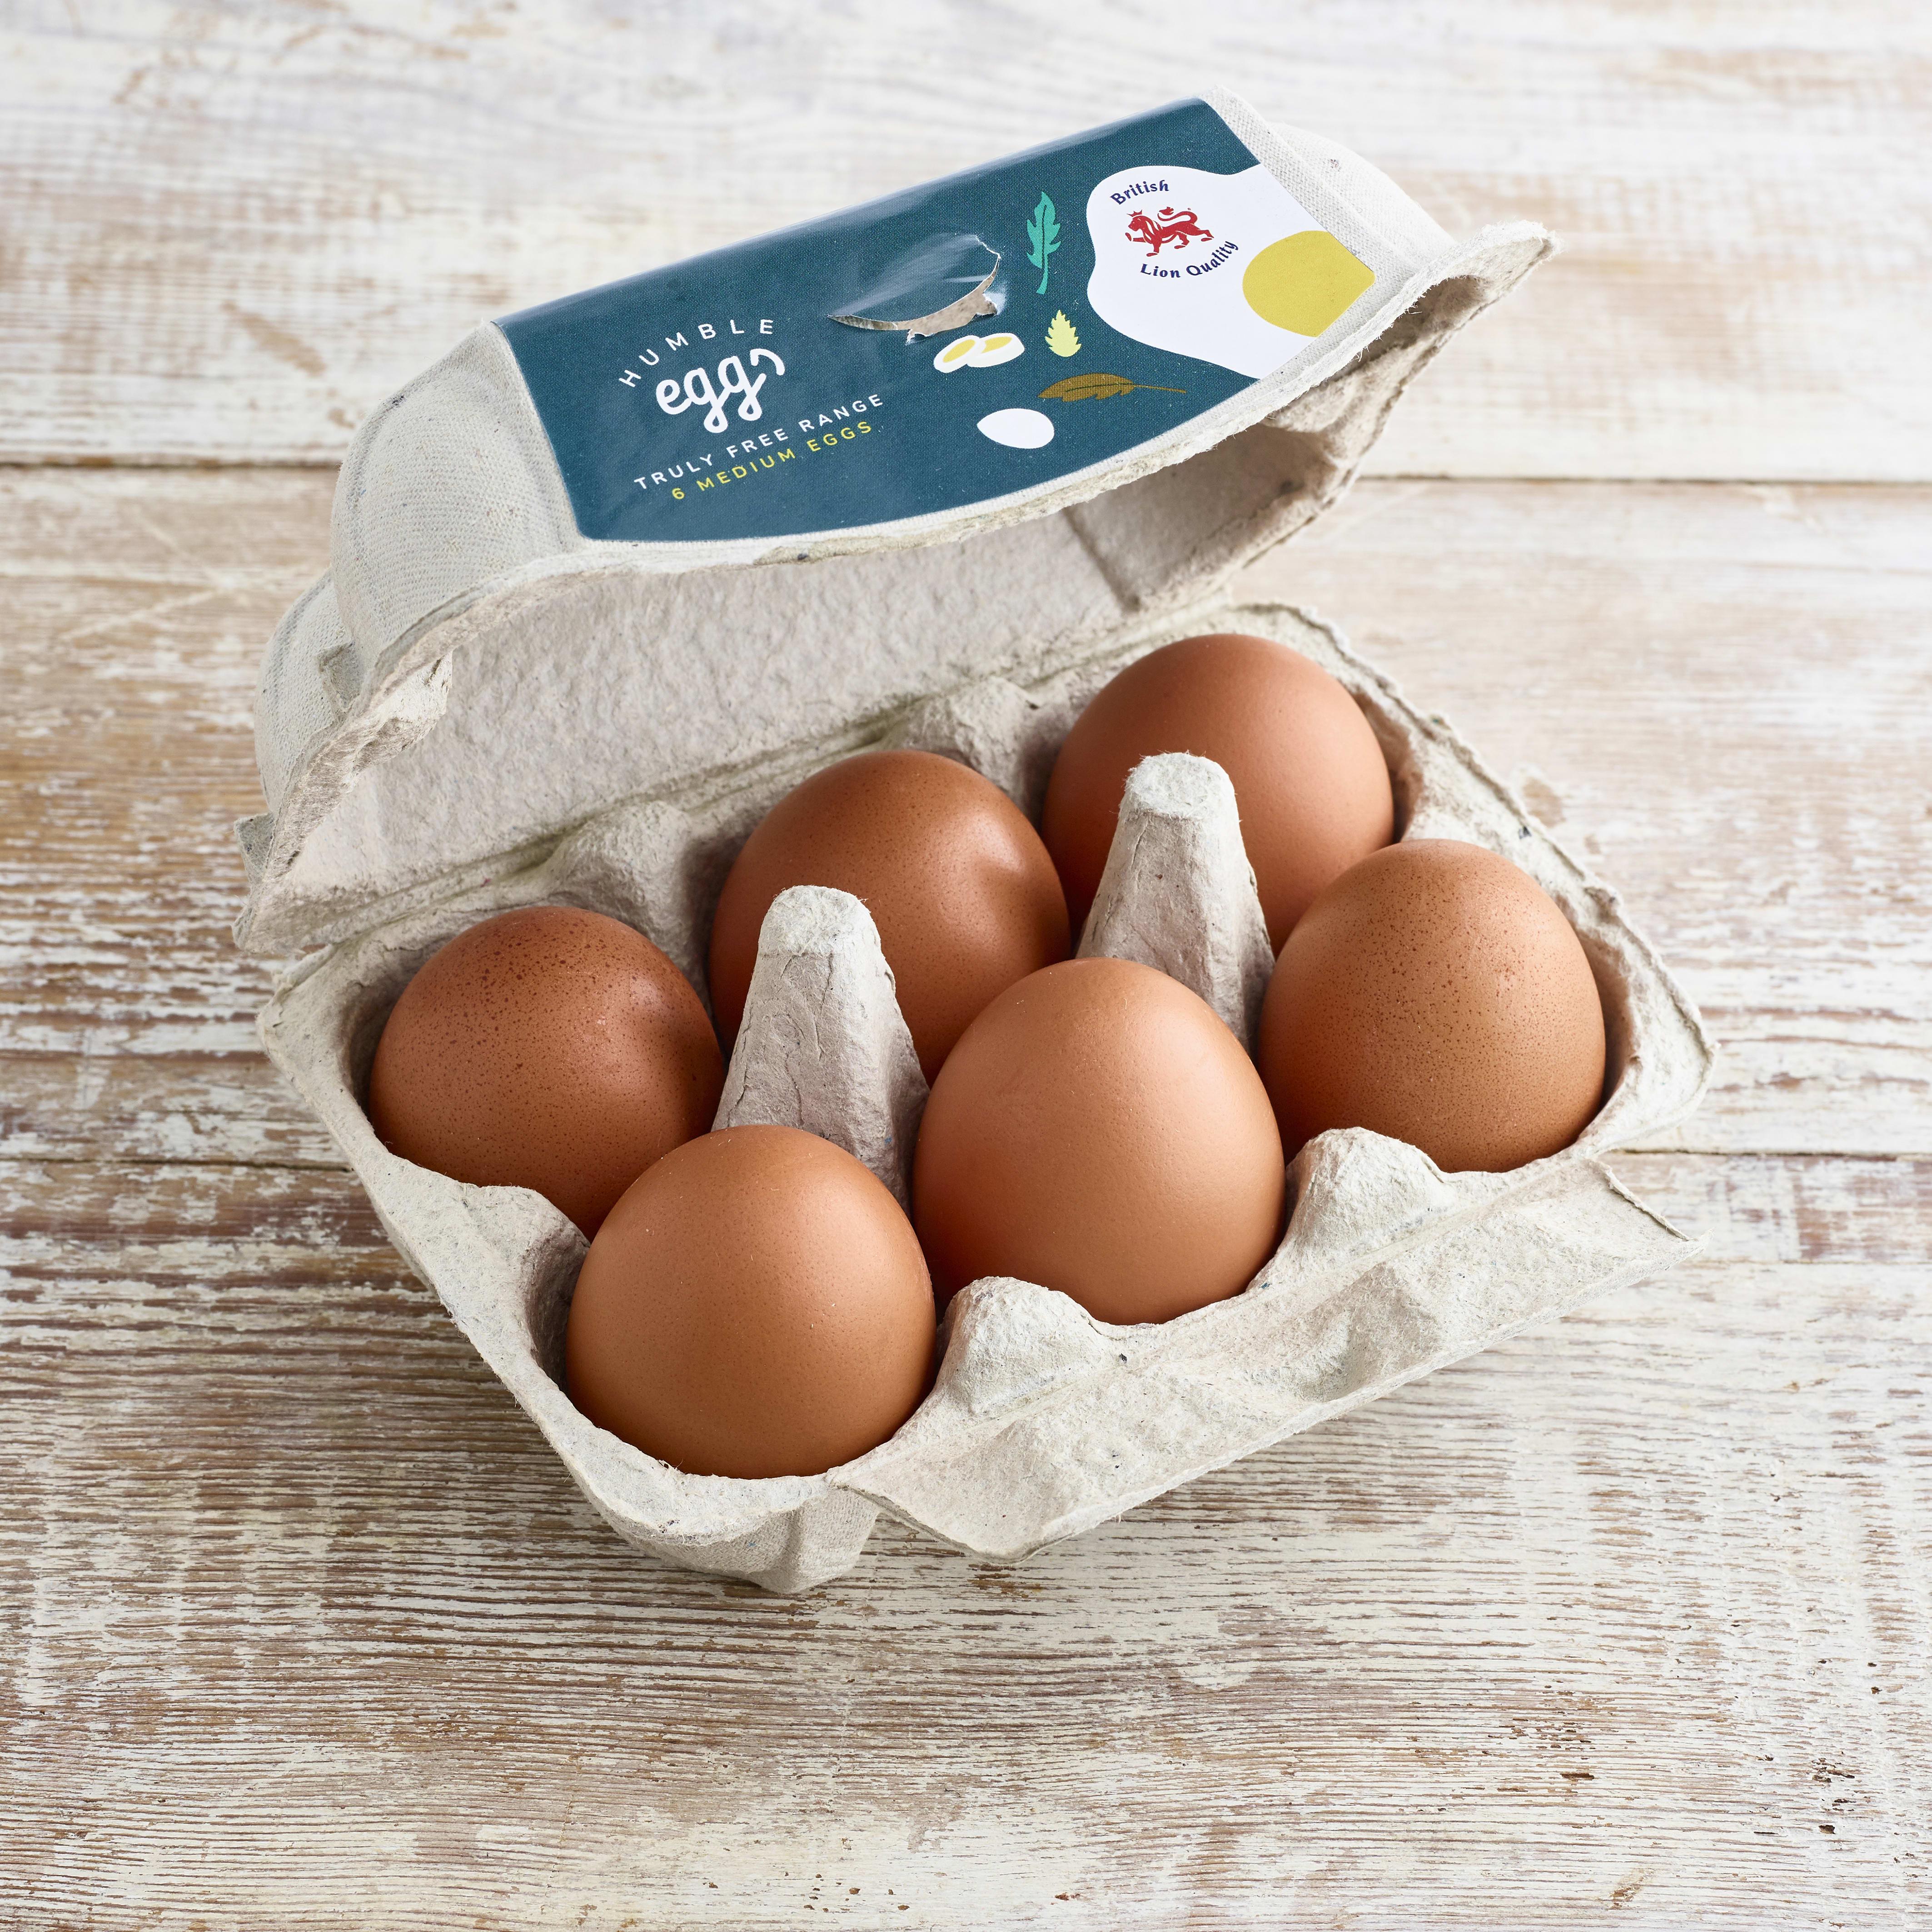 Humble Medium Free Range Eggs, 6 pack